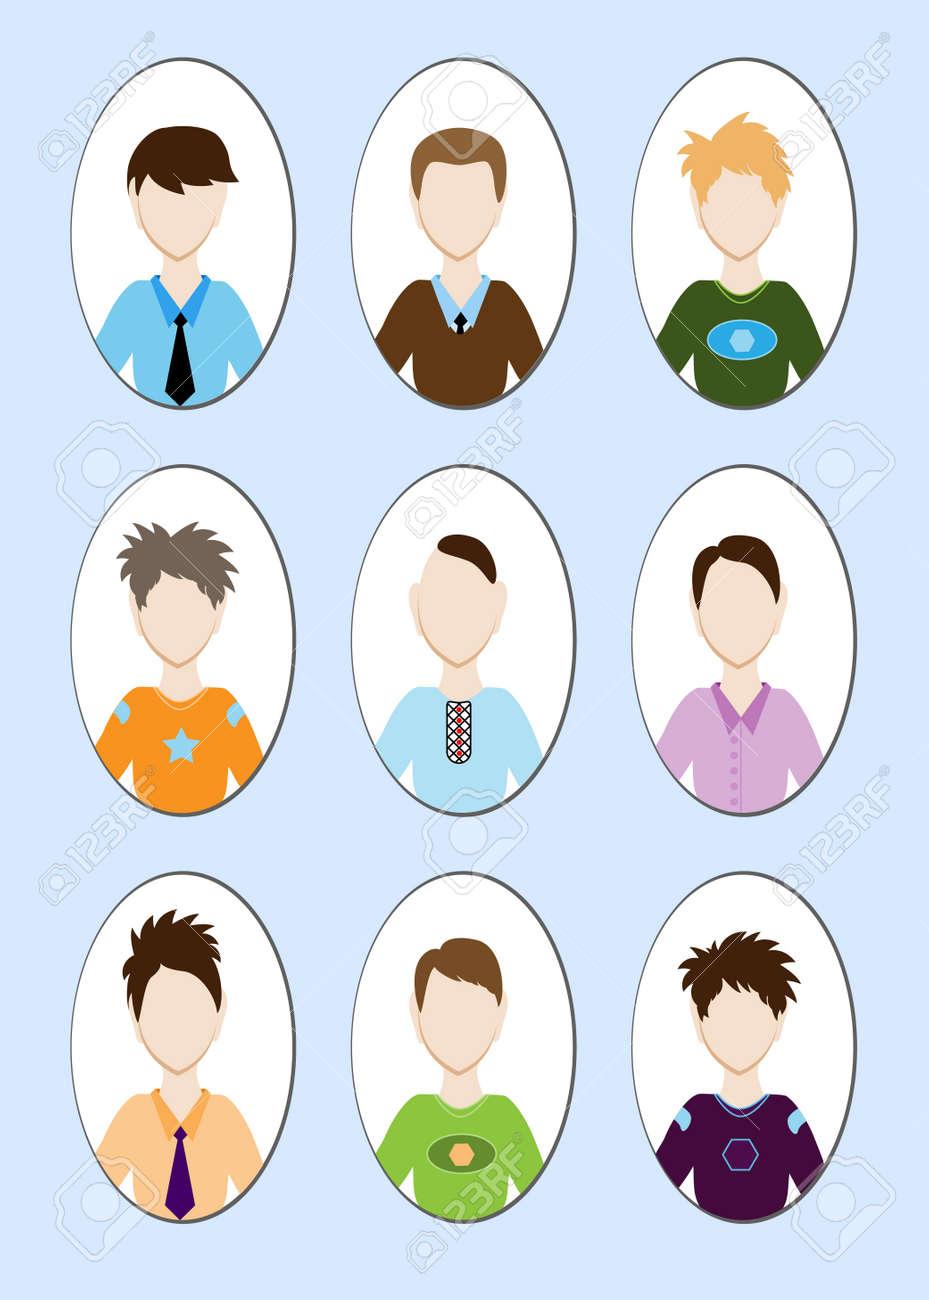 様々 なヘアスタイルでハンサムな若い男の漫画イラスト。ベクトル図